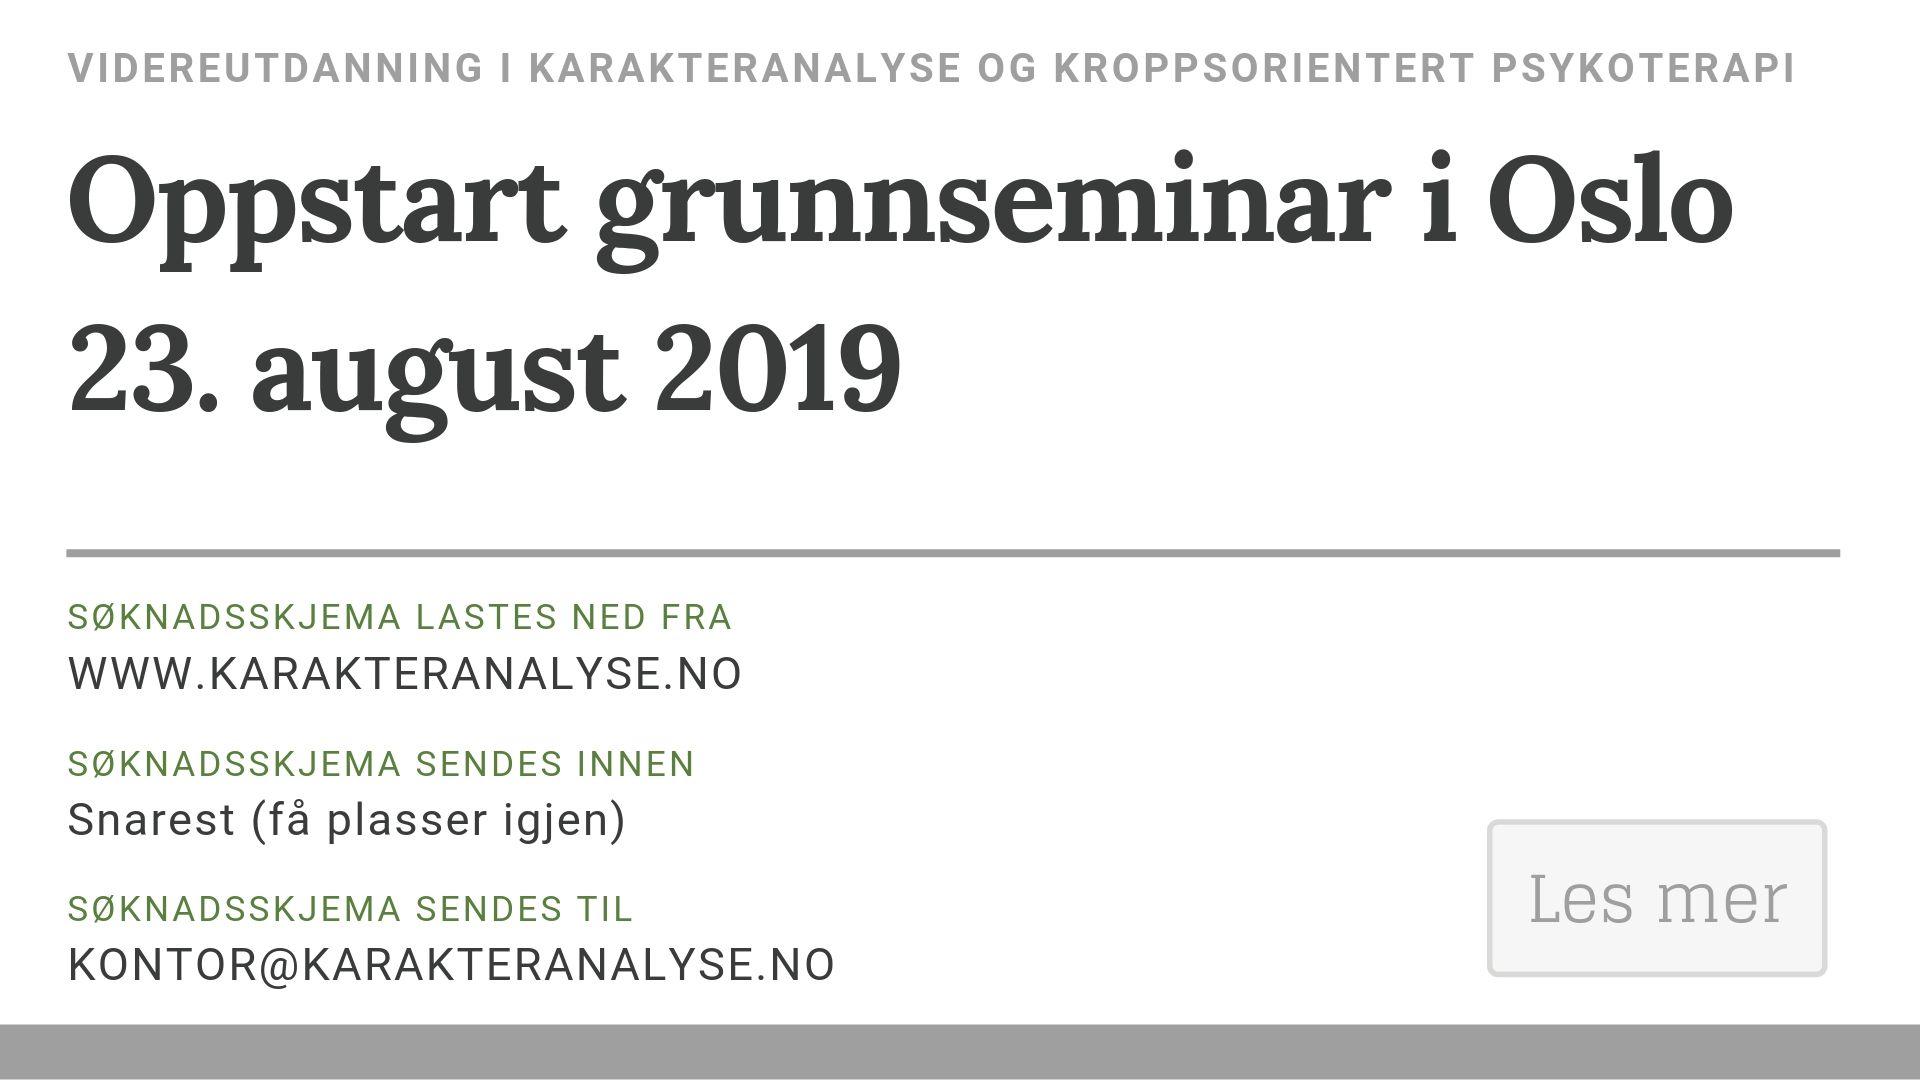 Oppstart neste grunnseminar i Oslo er den 23. august 2019